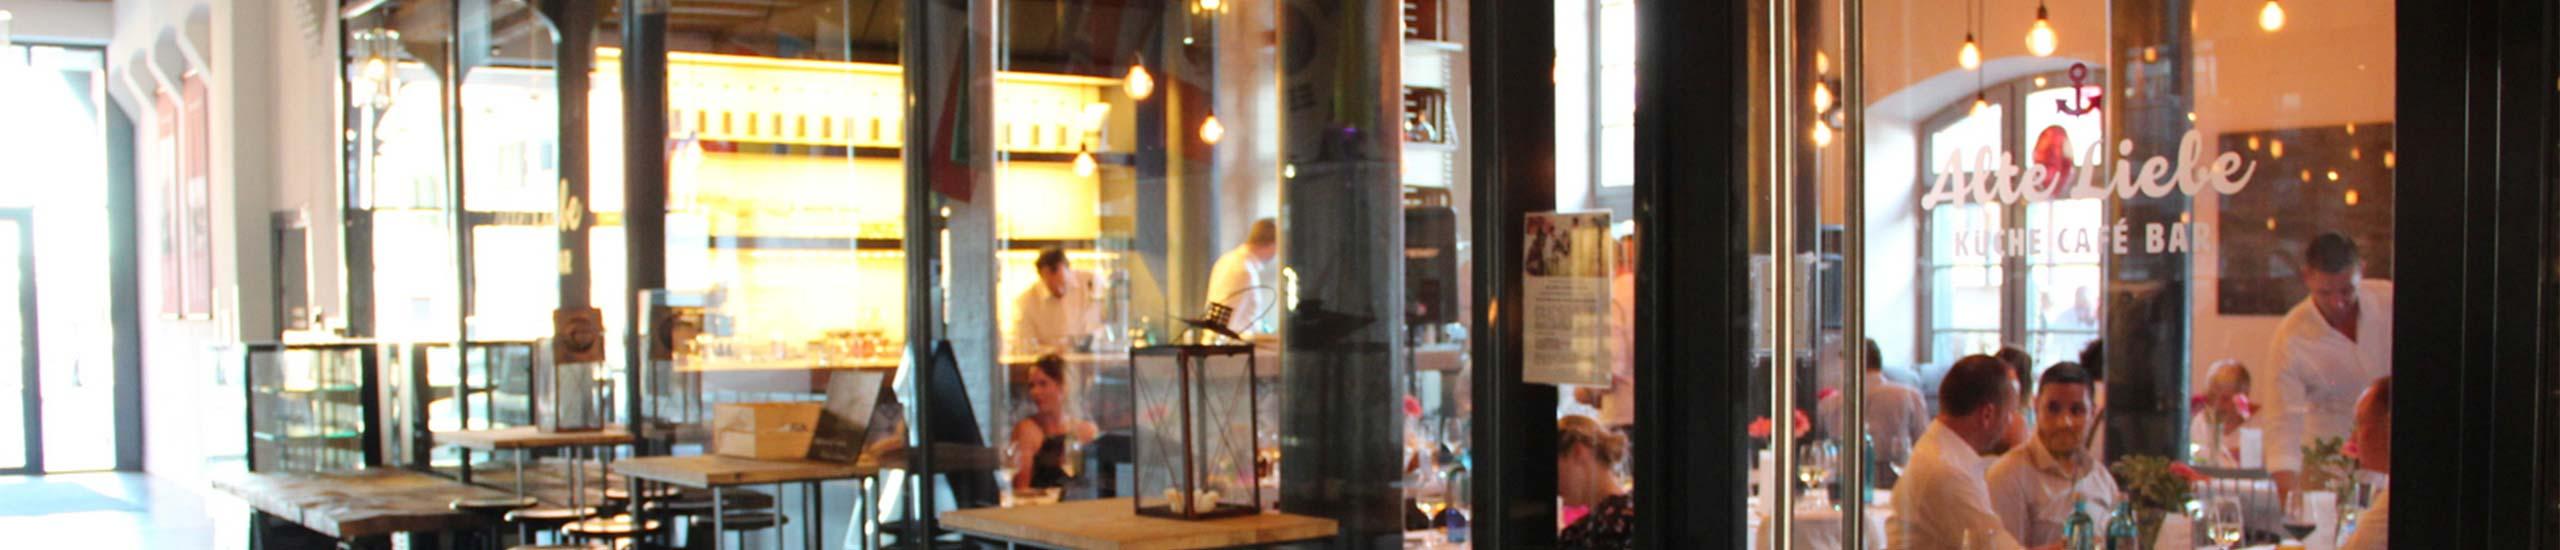 Alte Liebe Restaurant mit sitzenden Menschen